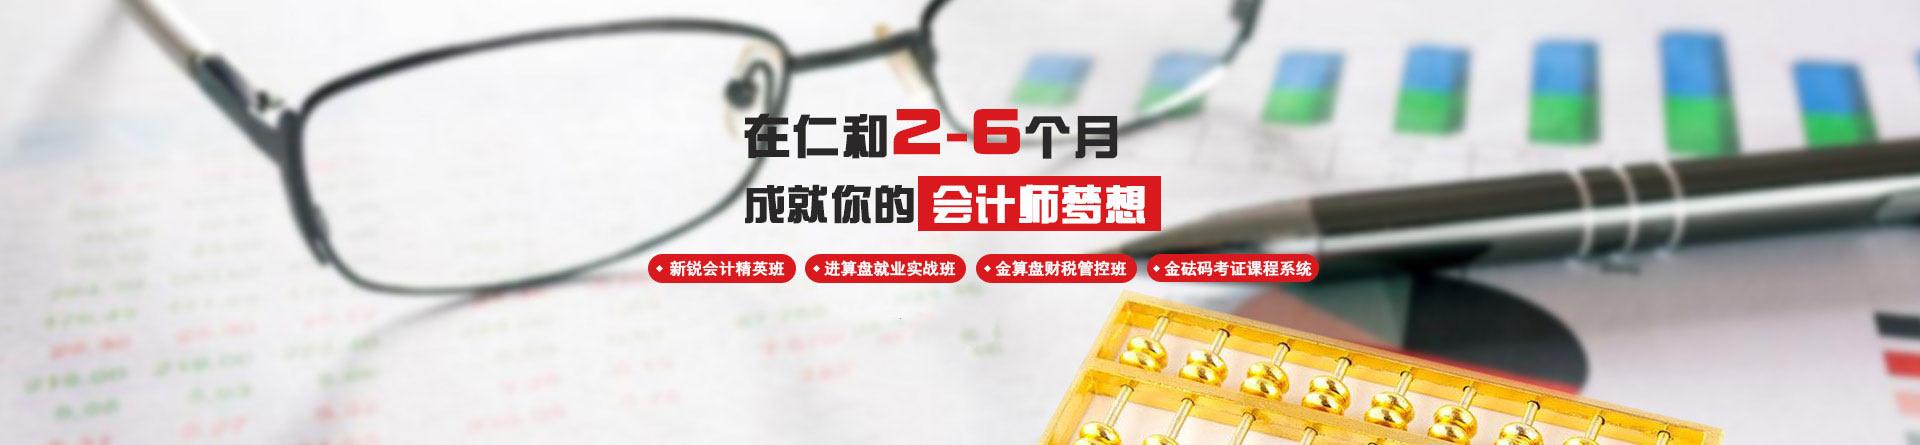 深圳仁和会计教育